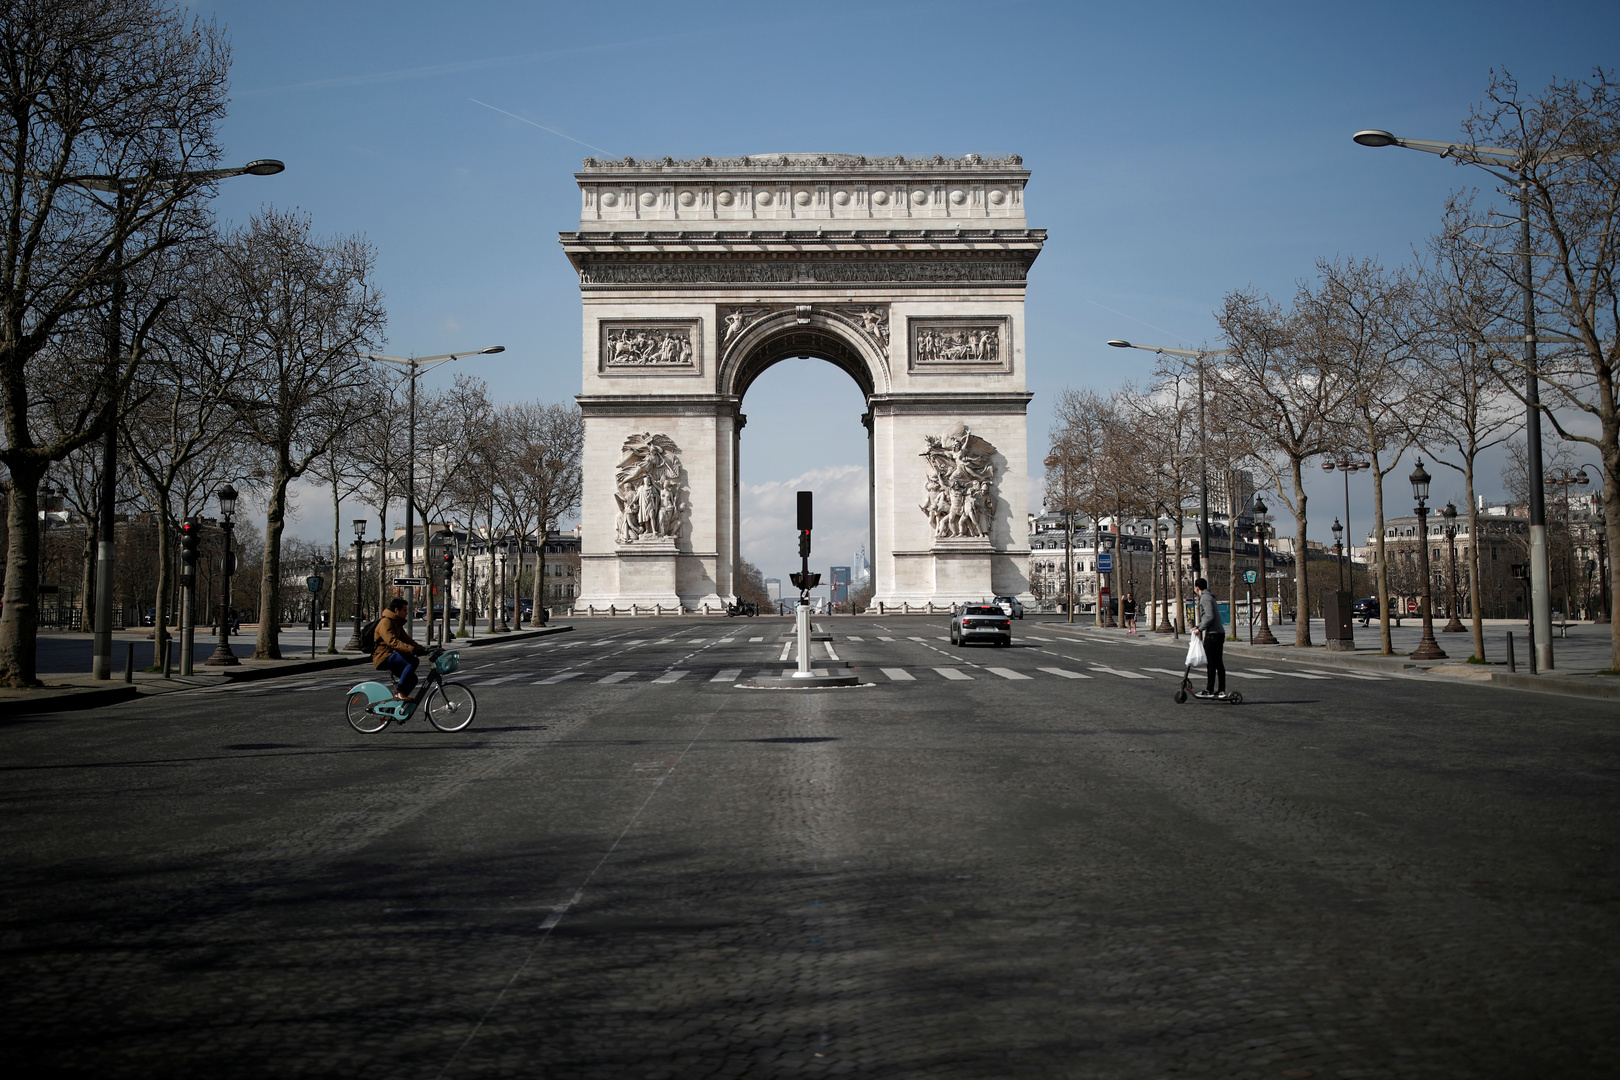 الشرطة الفرنسية تخلي منطقة قوس النصر في باريس بعد إنذار عن وجود قنبلة